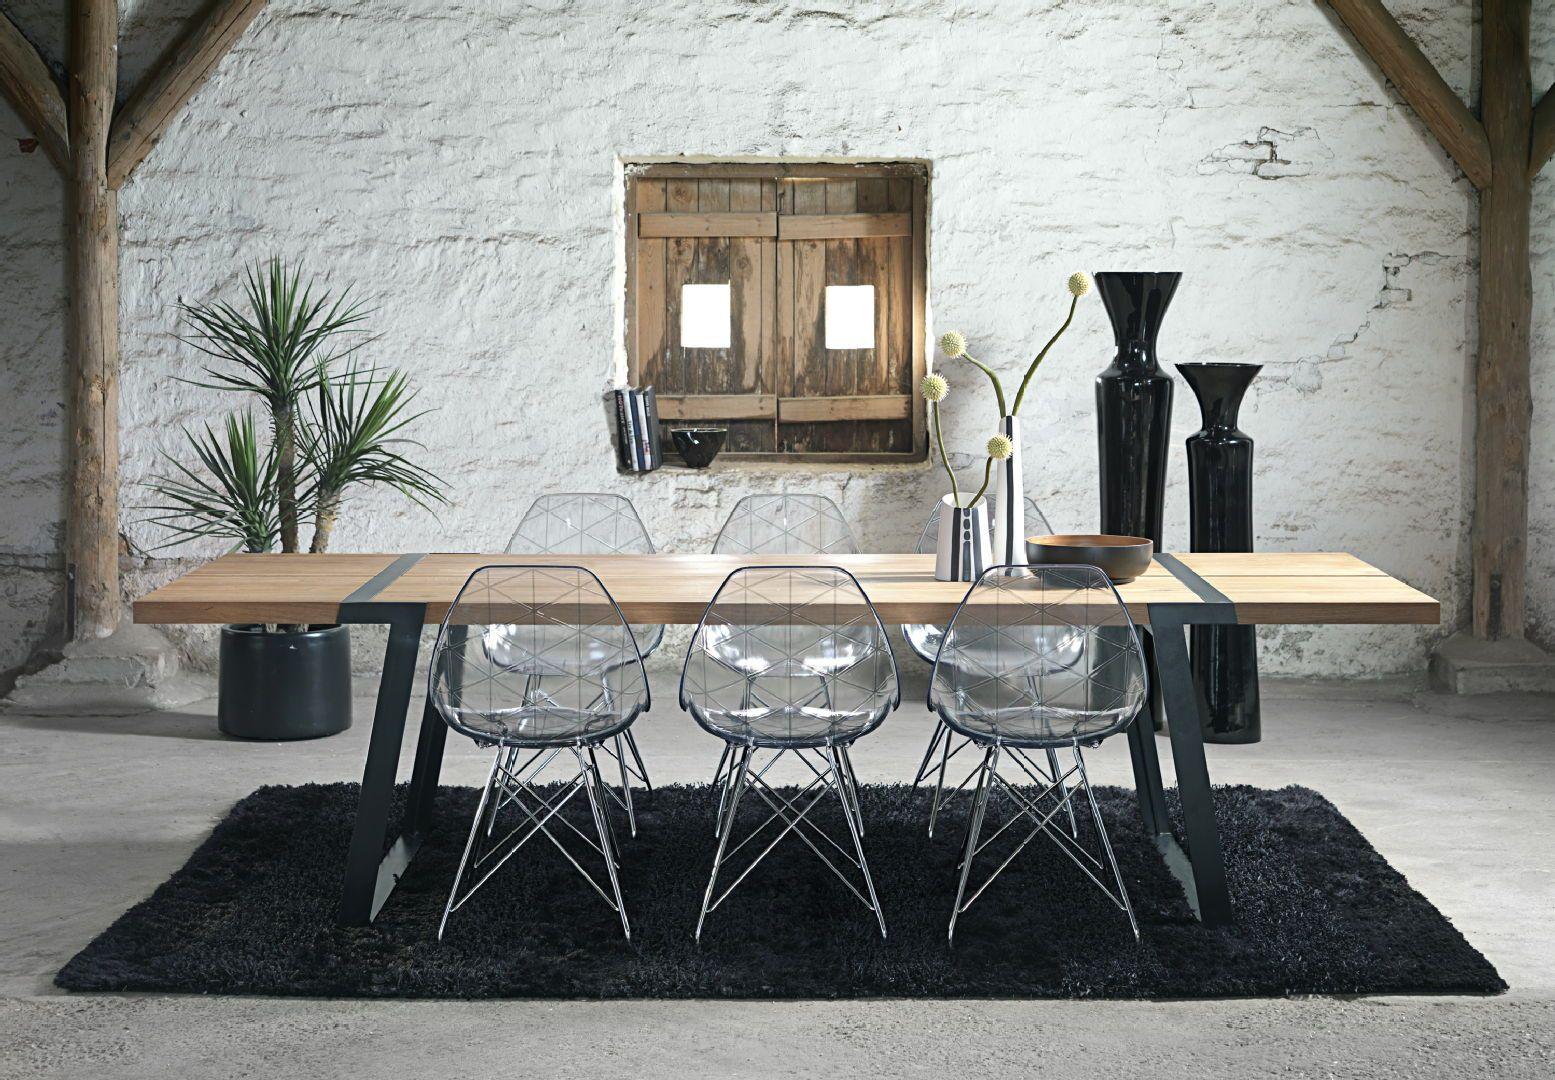 Läpinäkyvät tuolit antavat modernin säväyksen rouheaan tilaan ja toimivat upeasti puisen pöydän parina. Klikkaa kuvaa, niin näet tarkemmat tiedot.